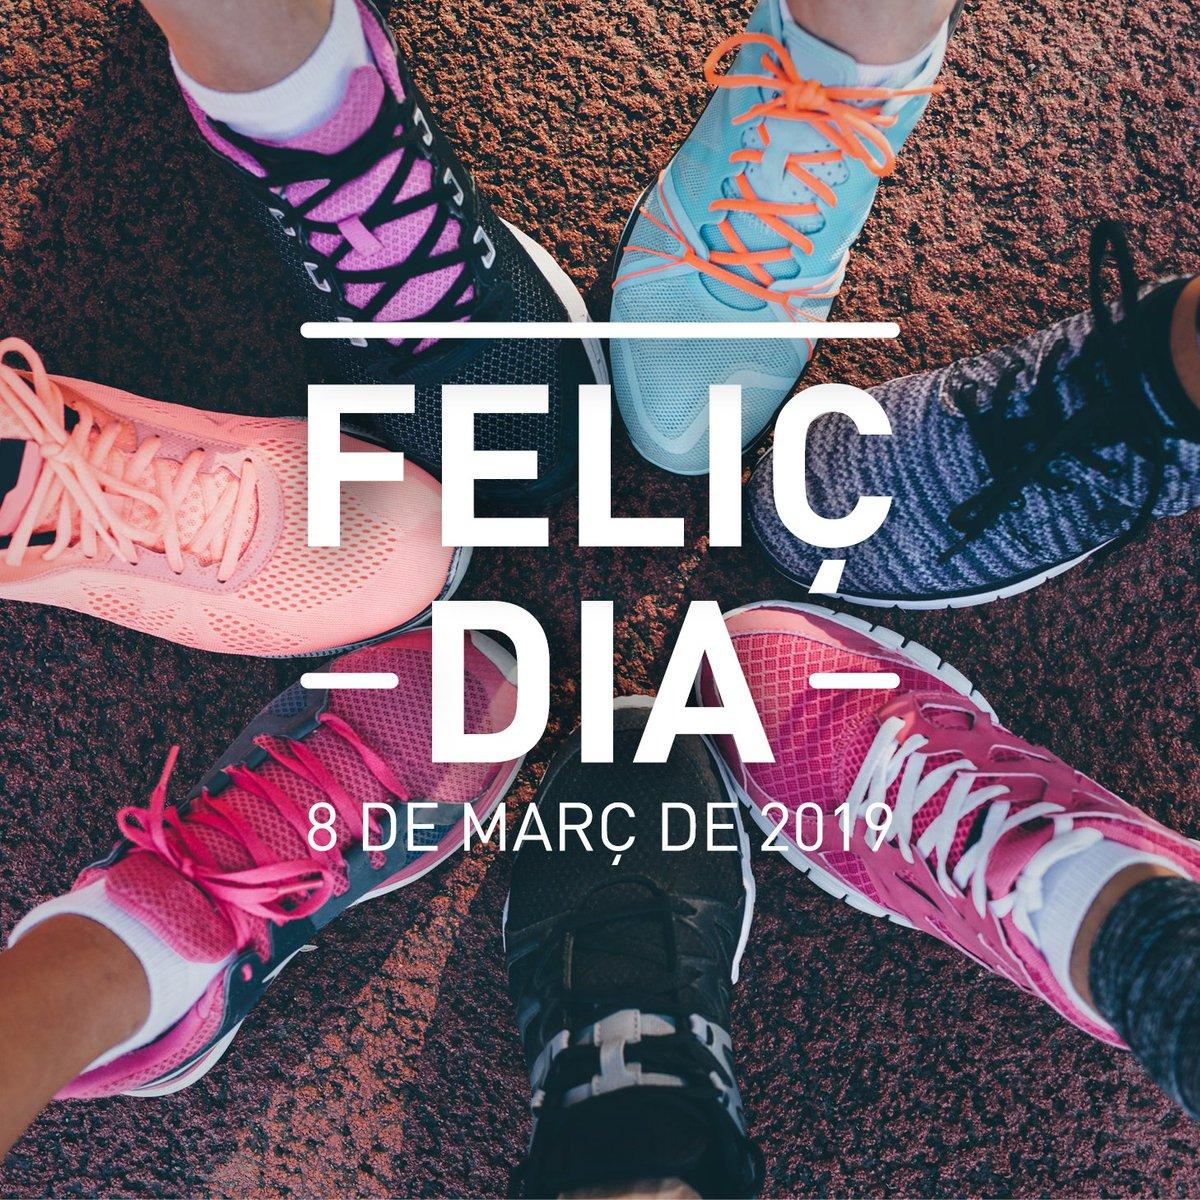 Feliç Dia de la Dona a totes!! ❤️❤️❤️ #DiadelaDona #wecandoit #igualtat